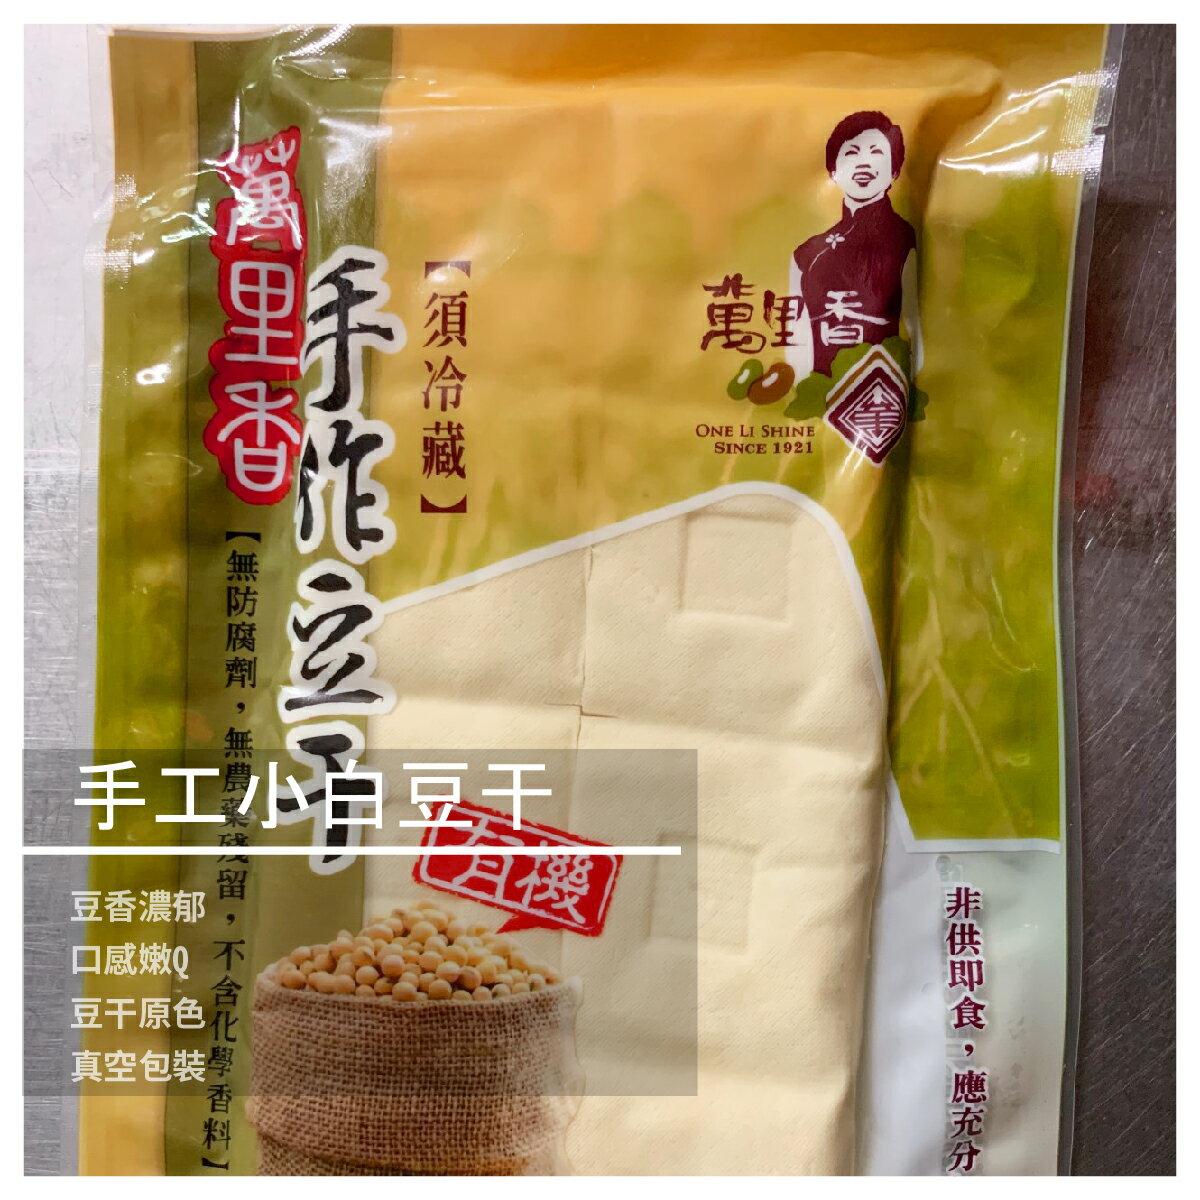 【萬里香食品廠】手工小白豆干/份